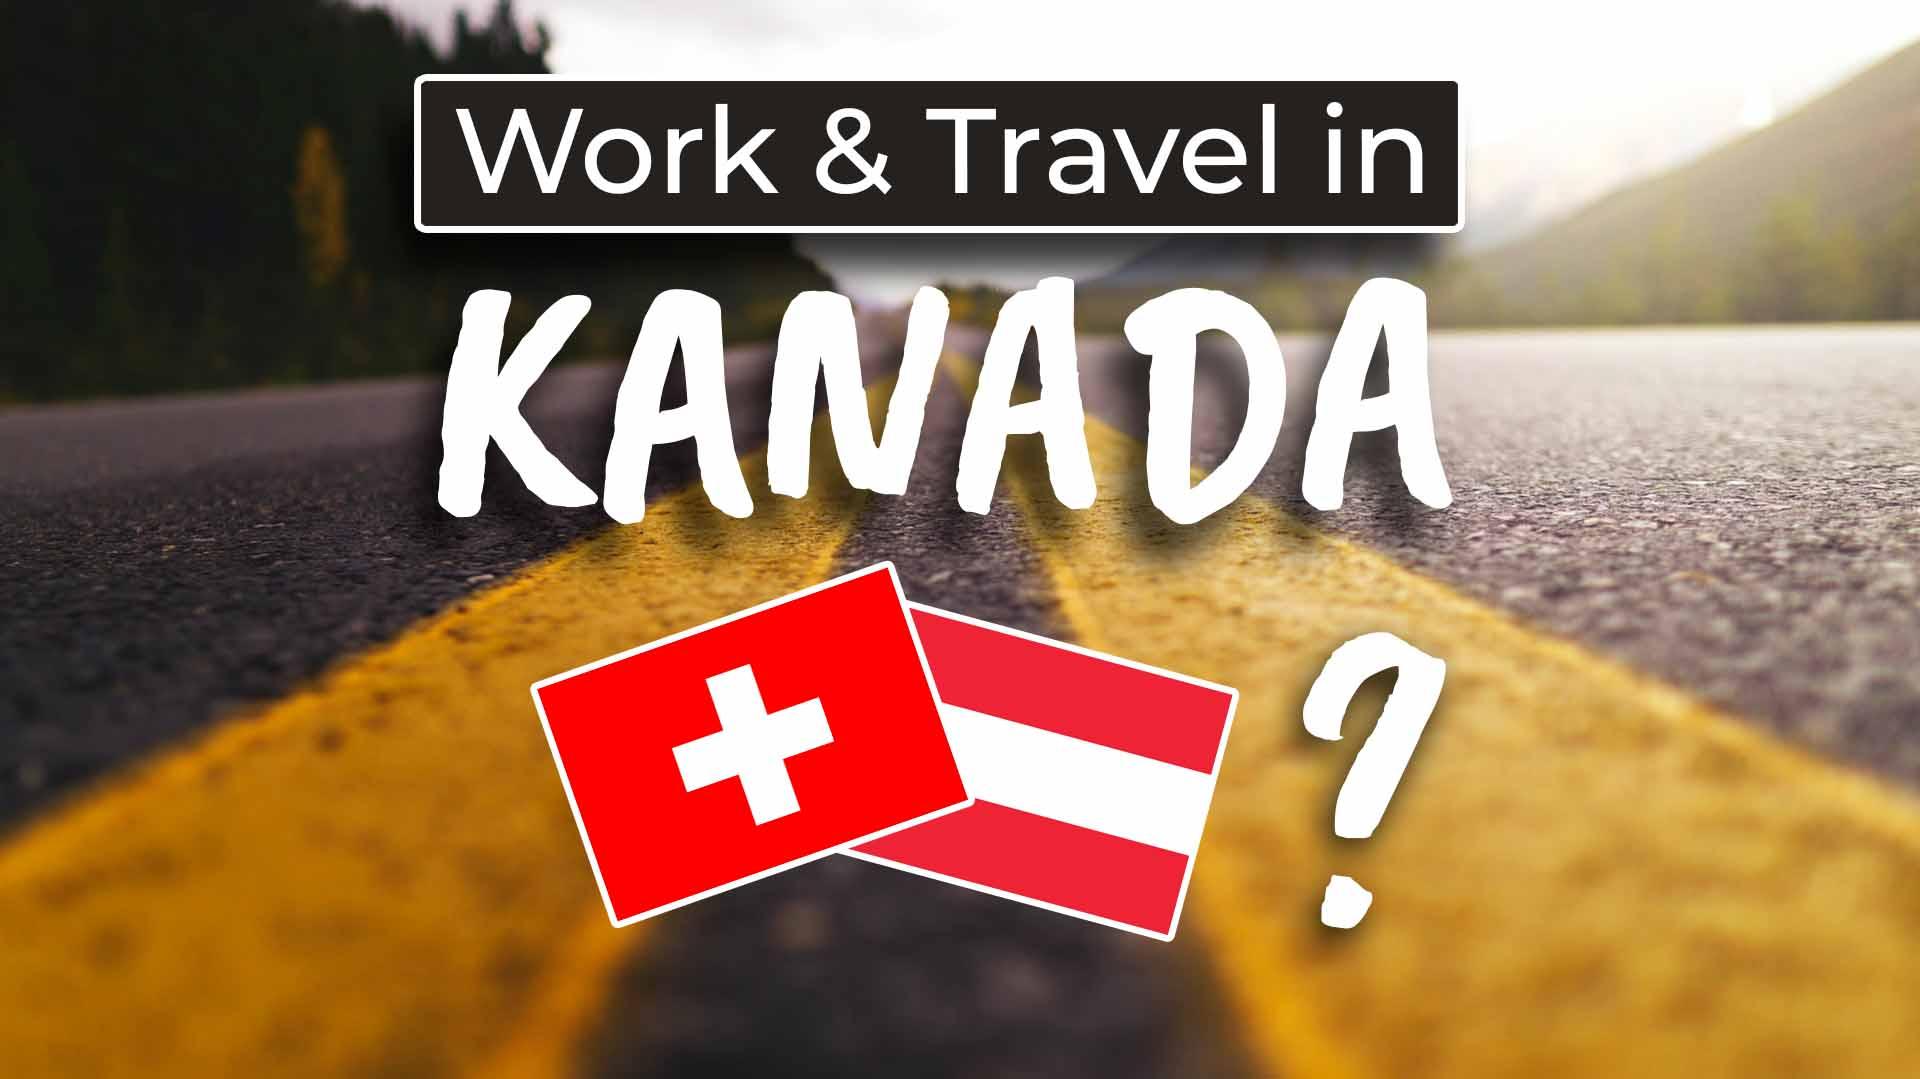 Work and Travel in Kanada als Schweizer und Österreicher - Cover